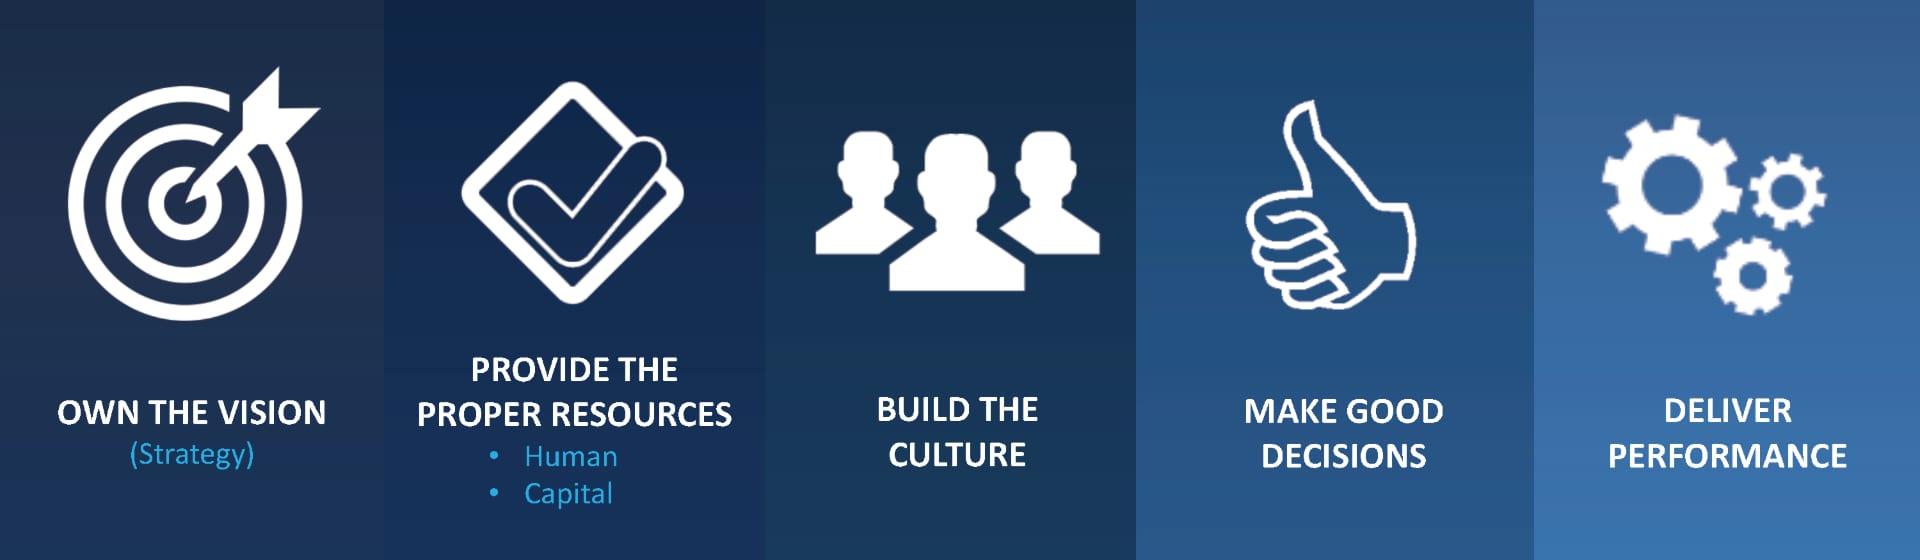 CEO Responsibilities 2020: 5 Unique Duties